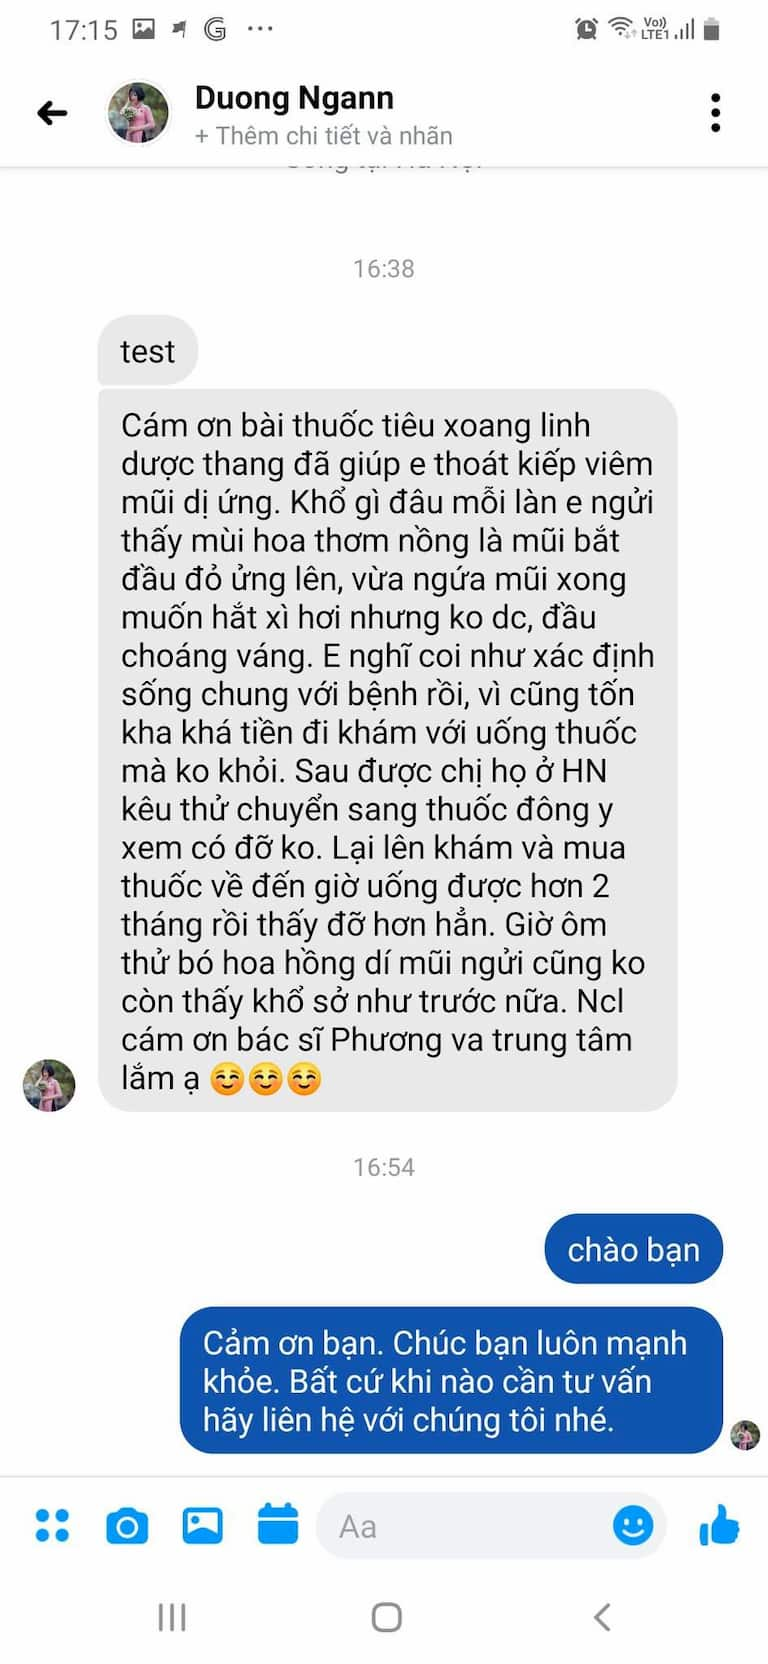 Bệnh nhân Dương Huyền Ngân chữa khỏi viêm mũi dị ứng nhờ bài thuốc Tiêu Xooang linh dược thang